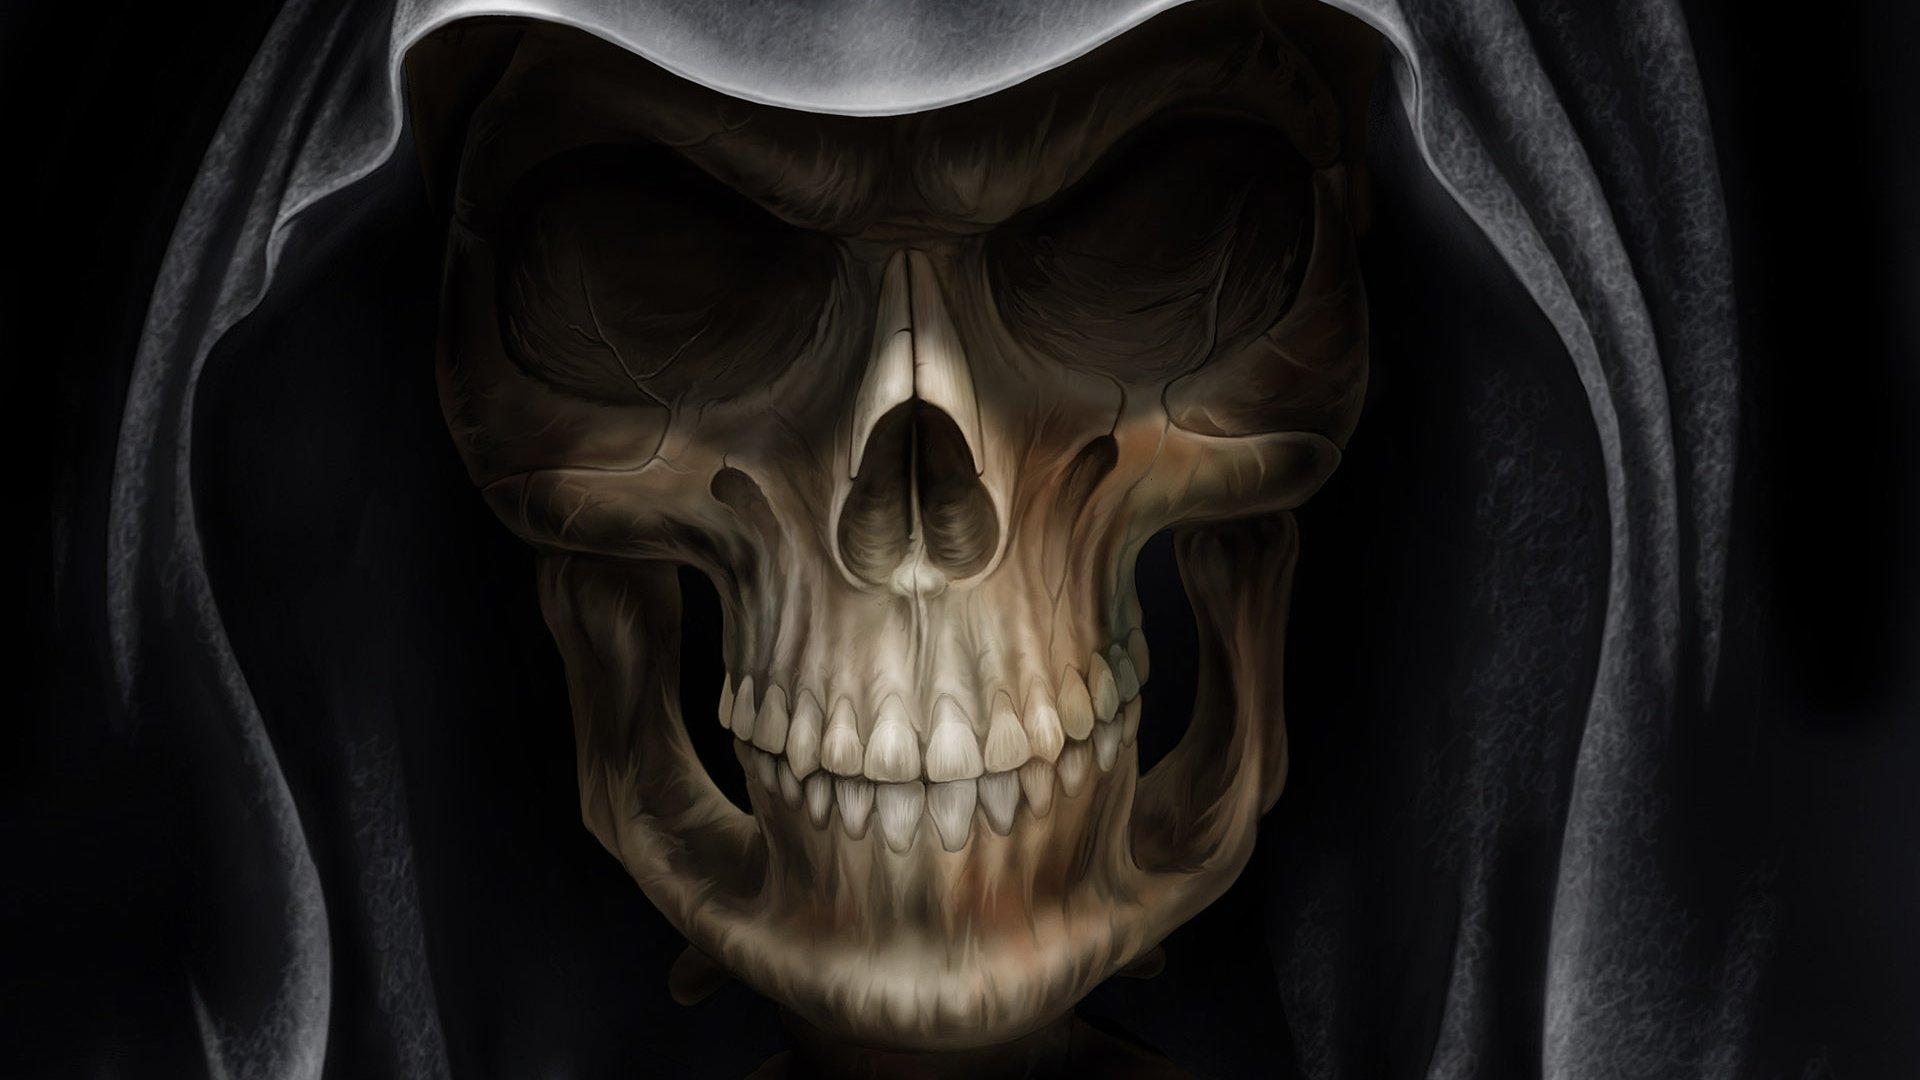 очень самые красивые картинки черепа функцией белой жировой